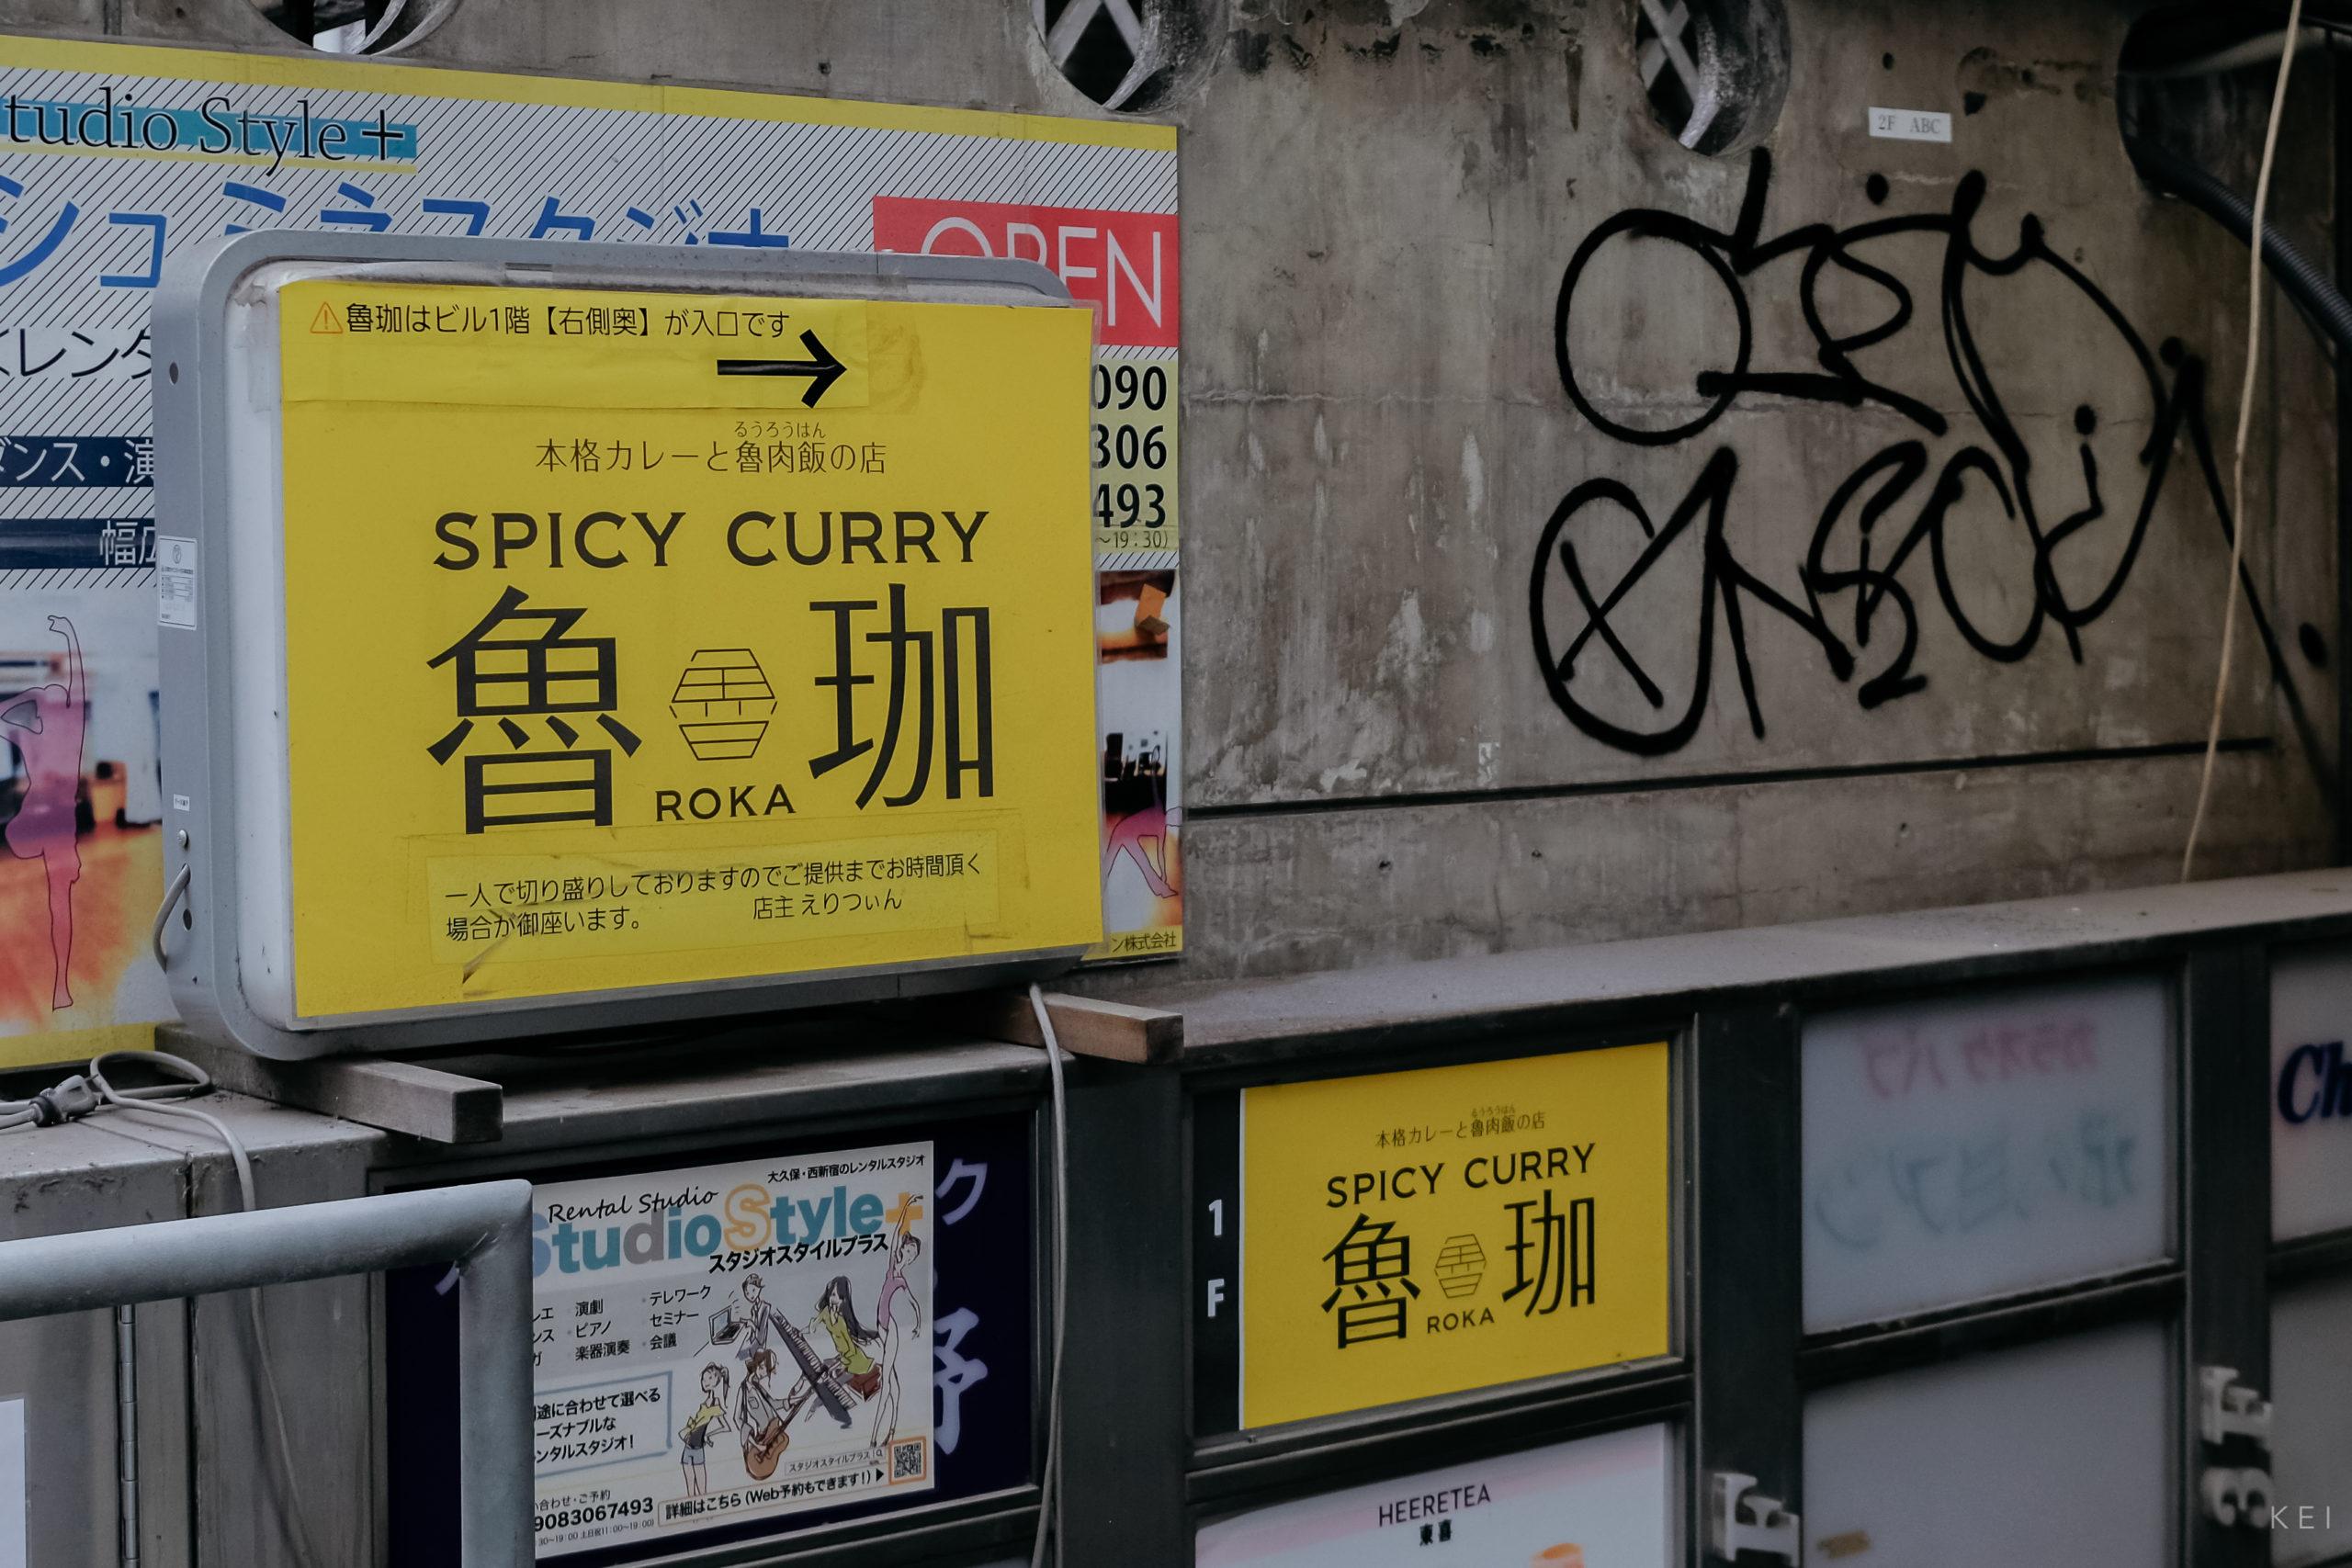 spicy curry 魯珈店門外